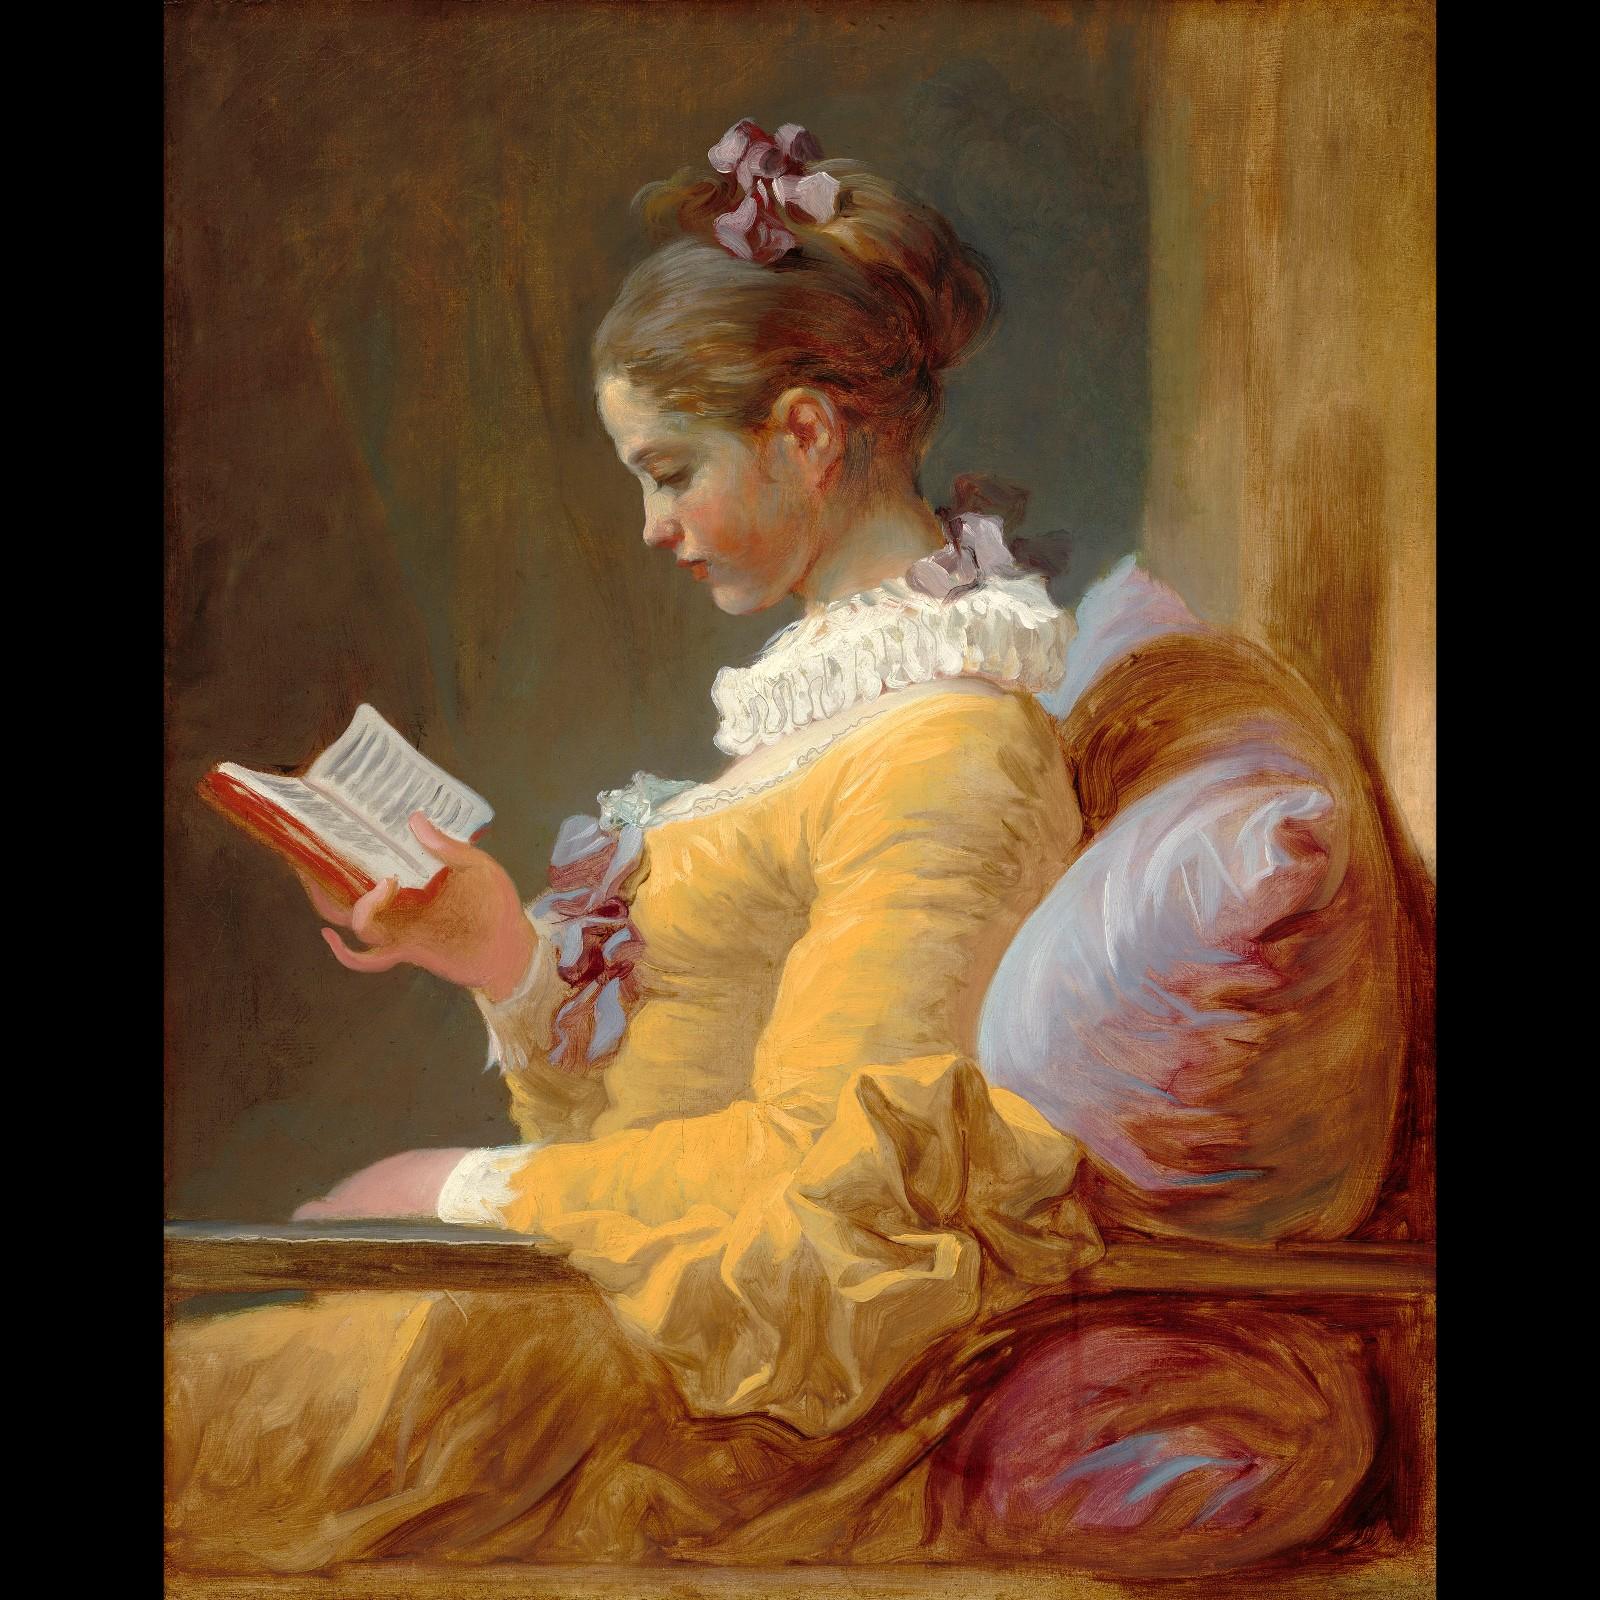 128《读书少女》弗拉戈纳尔(法国)-世界名画鉴赏语音讲解(一百二十八)图片